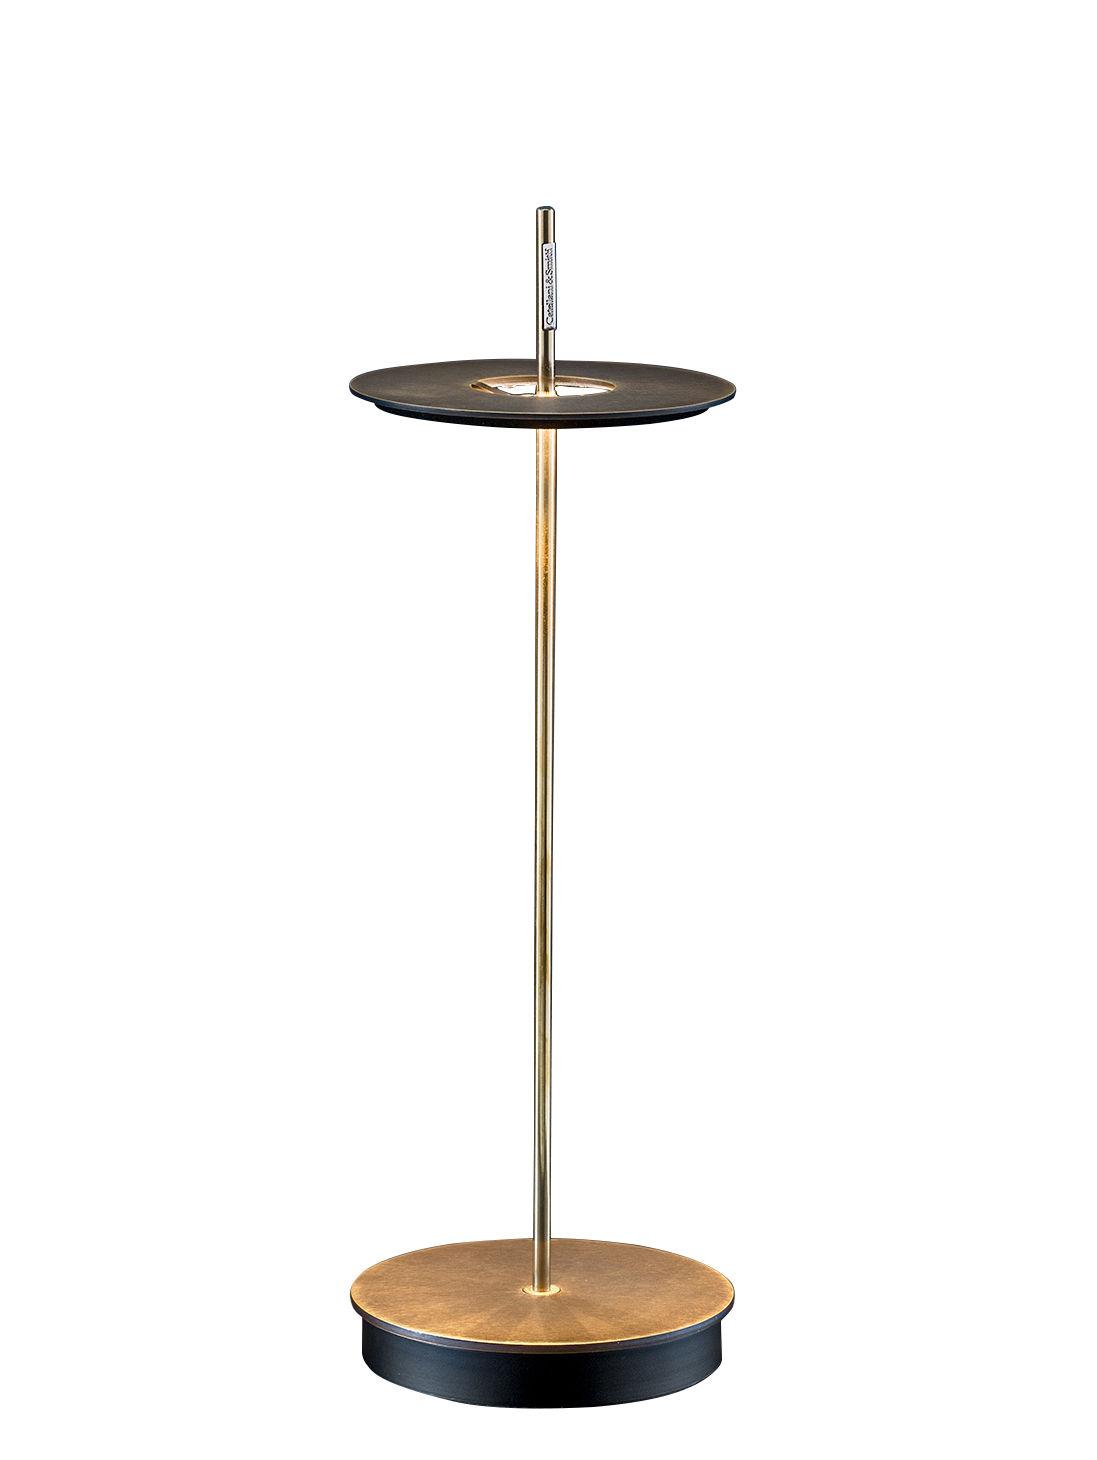 Luminaire - Lampes de table - Lampe sans fil Giulietta BE / LED - H 37 cm - Catellani & Smith - Laiton patiné - Laiton patiné